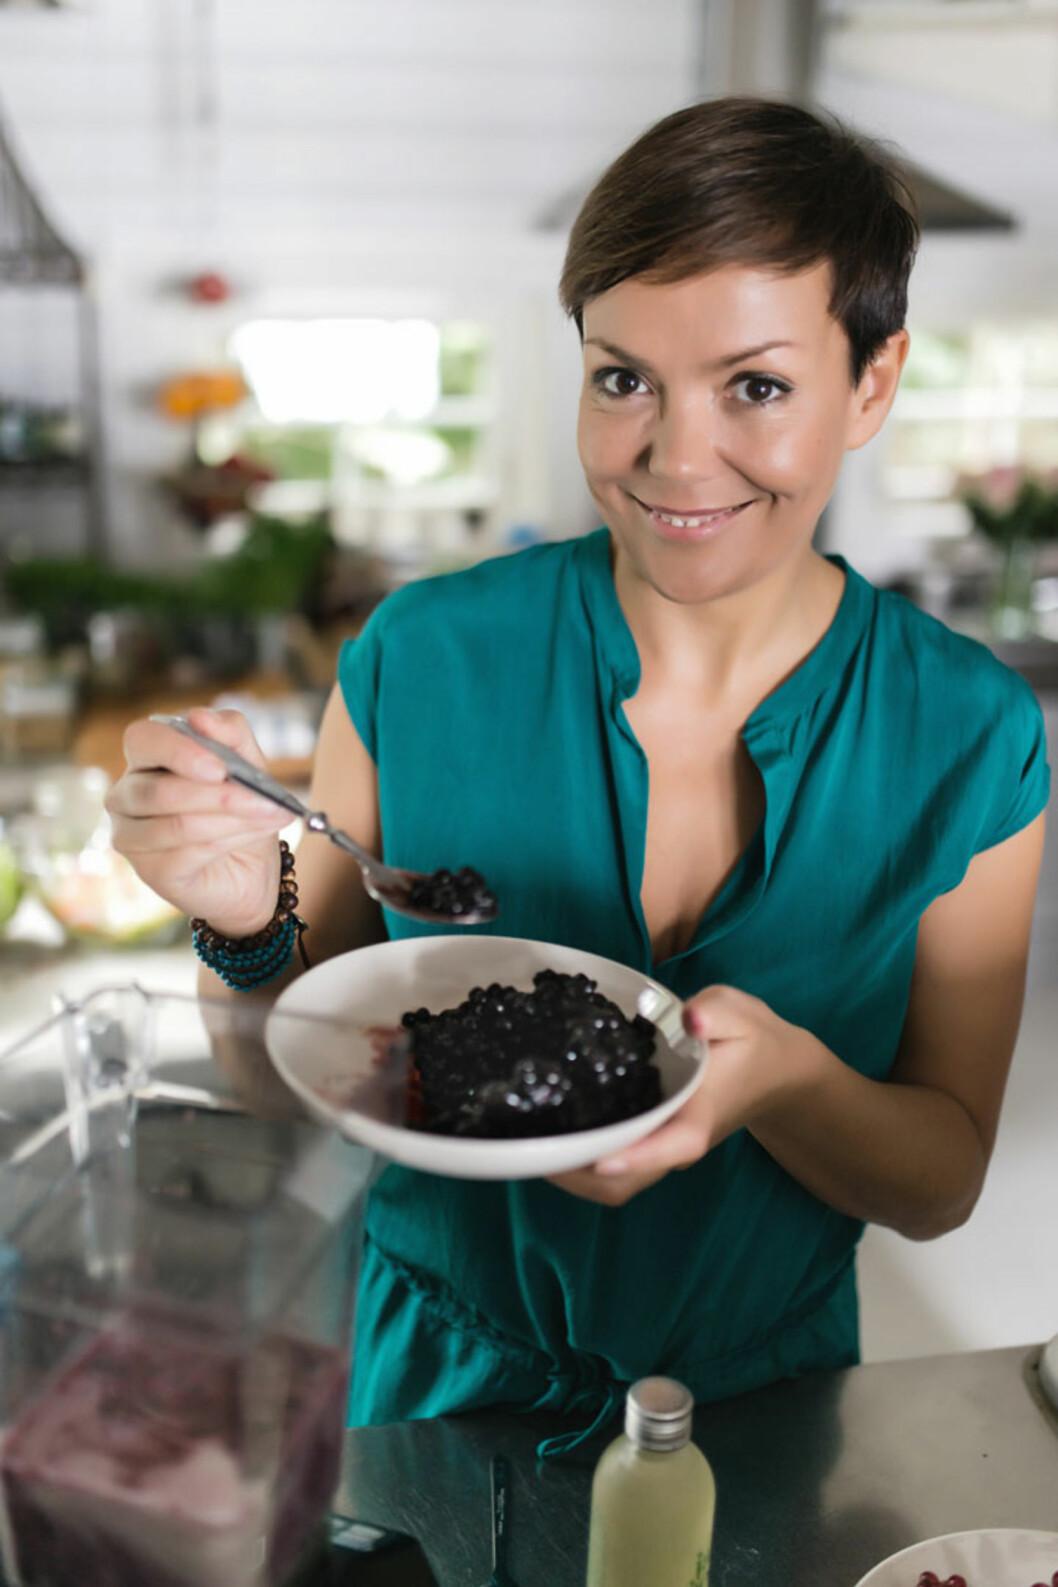 <strong>ENTUSIAST:</strong> Trine Berge er en av Norges fremste livsstilsveiledere innen supermat og raw food, og er medforfatter av flere bøker innenfor området. Foto: Trine Berge, Cappelen Damm